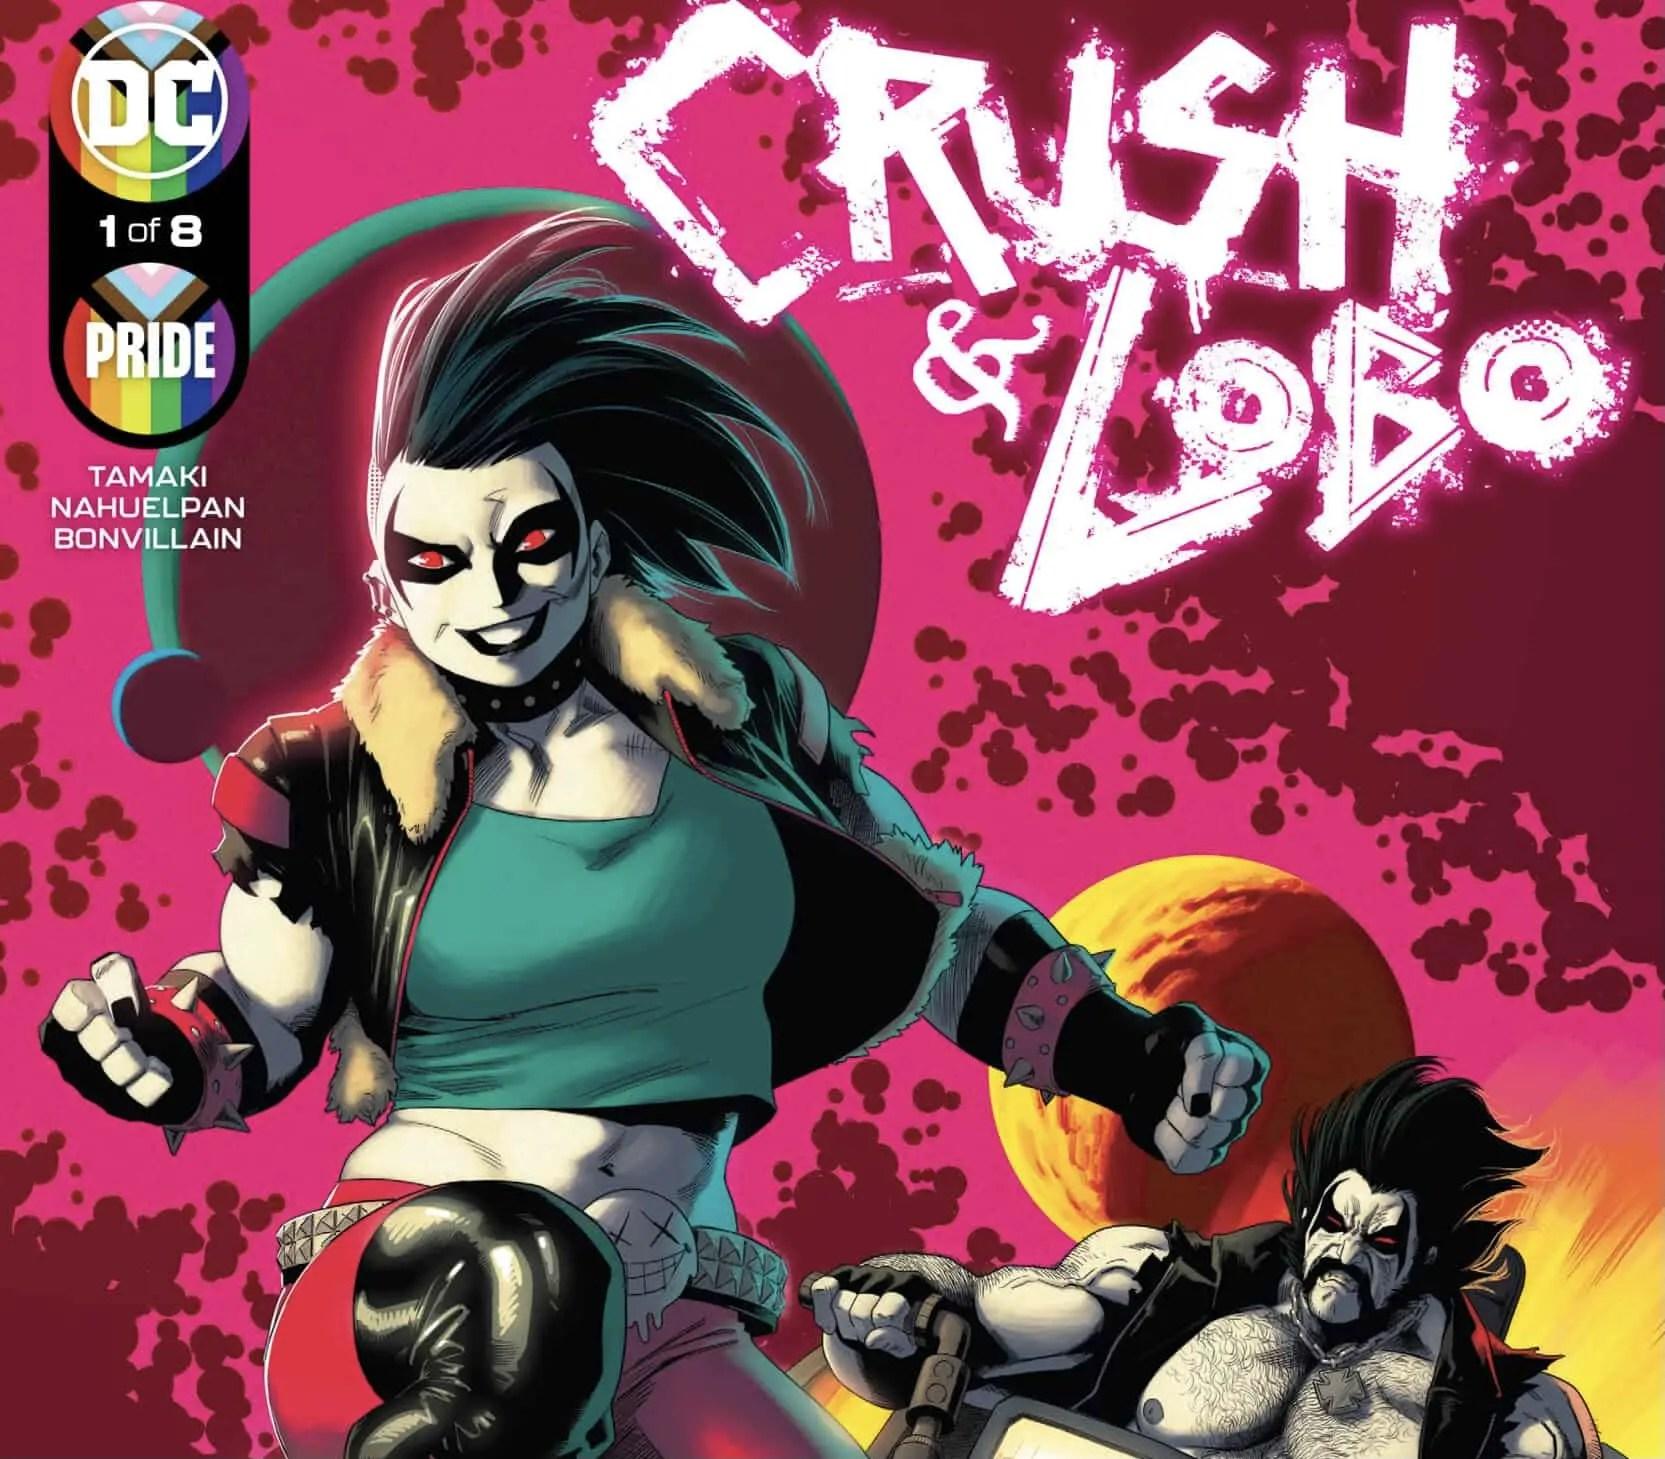 Crush and Lobo #1